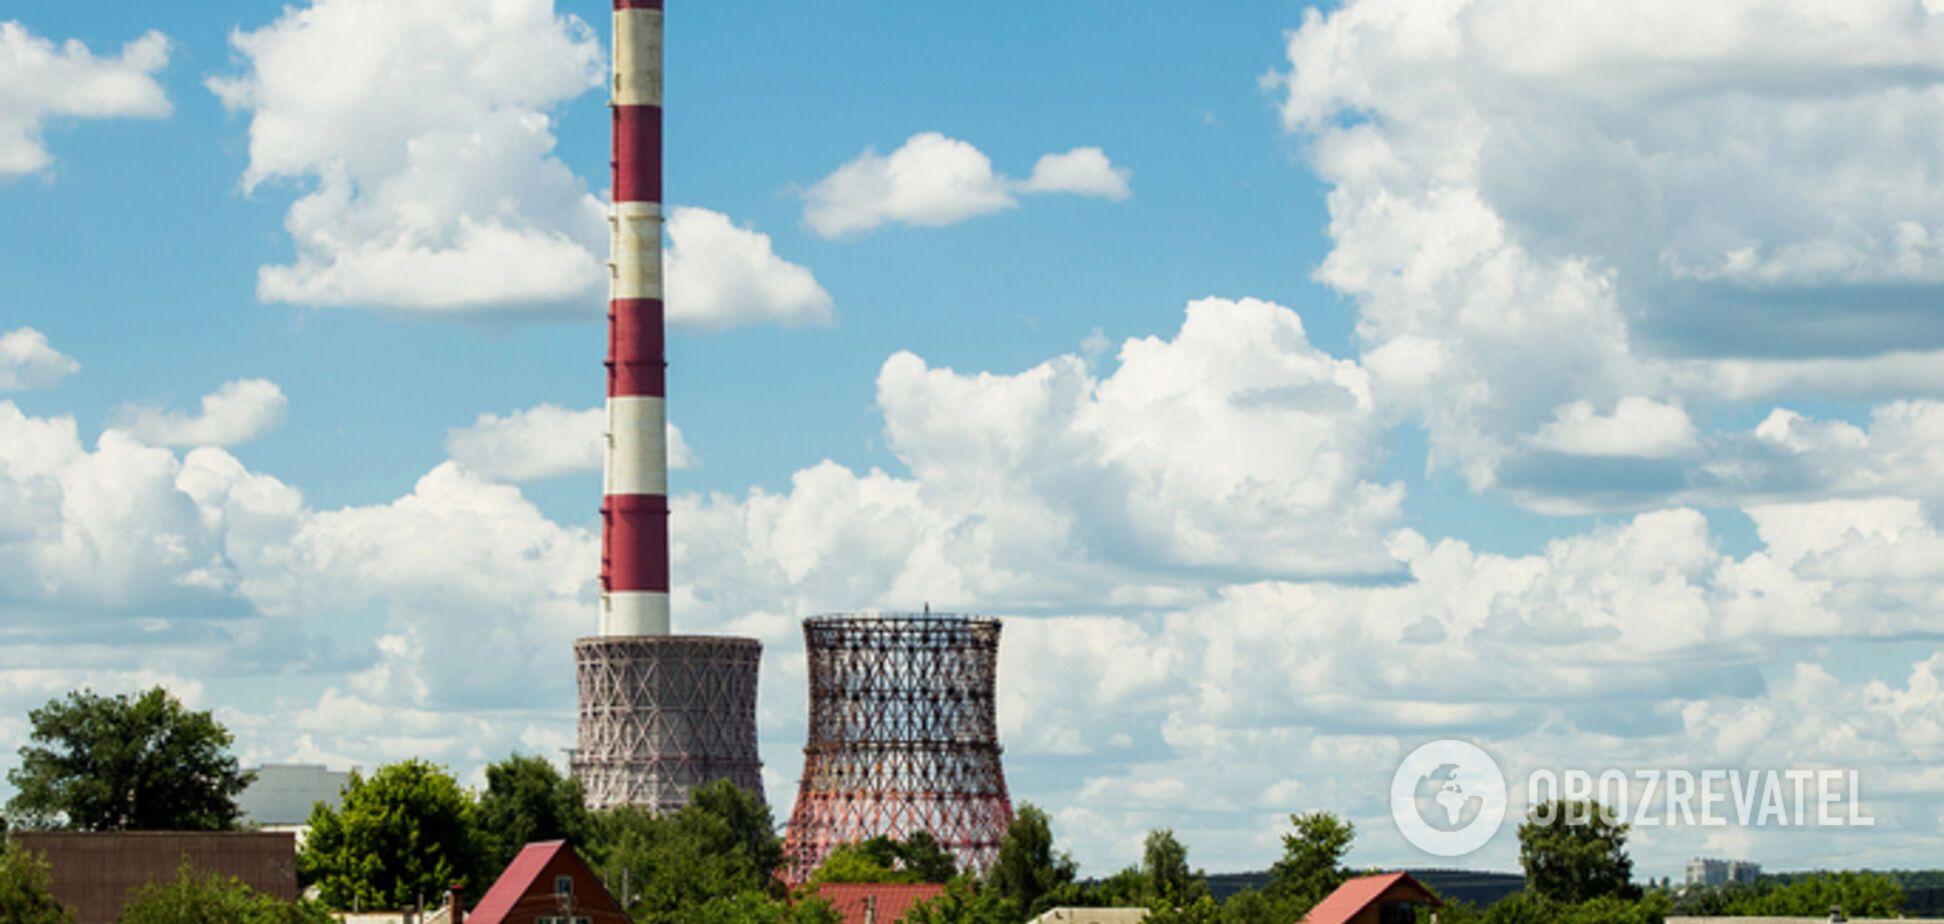 ТЕС і ТЕЦ почали зупинятися через критичну ситуацію на ринку електроенергії – Кушнірук